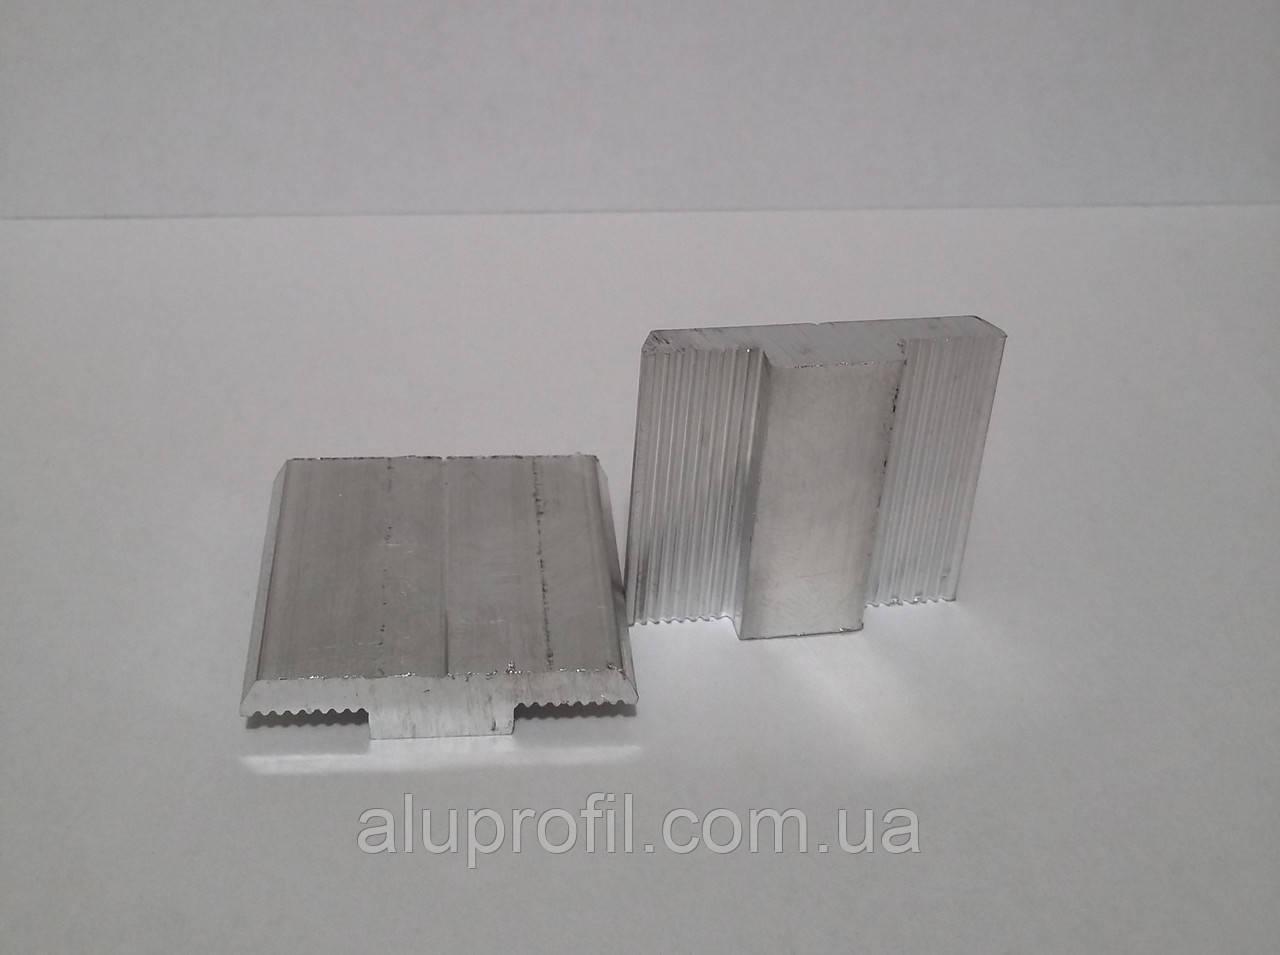 Алюминиевый профиль — Прижим межмодульный алюминиевый без отверстия 33х12/30мм Б/П